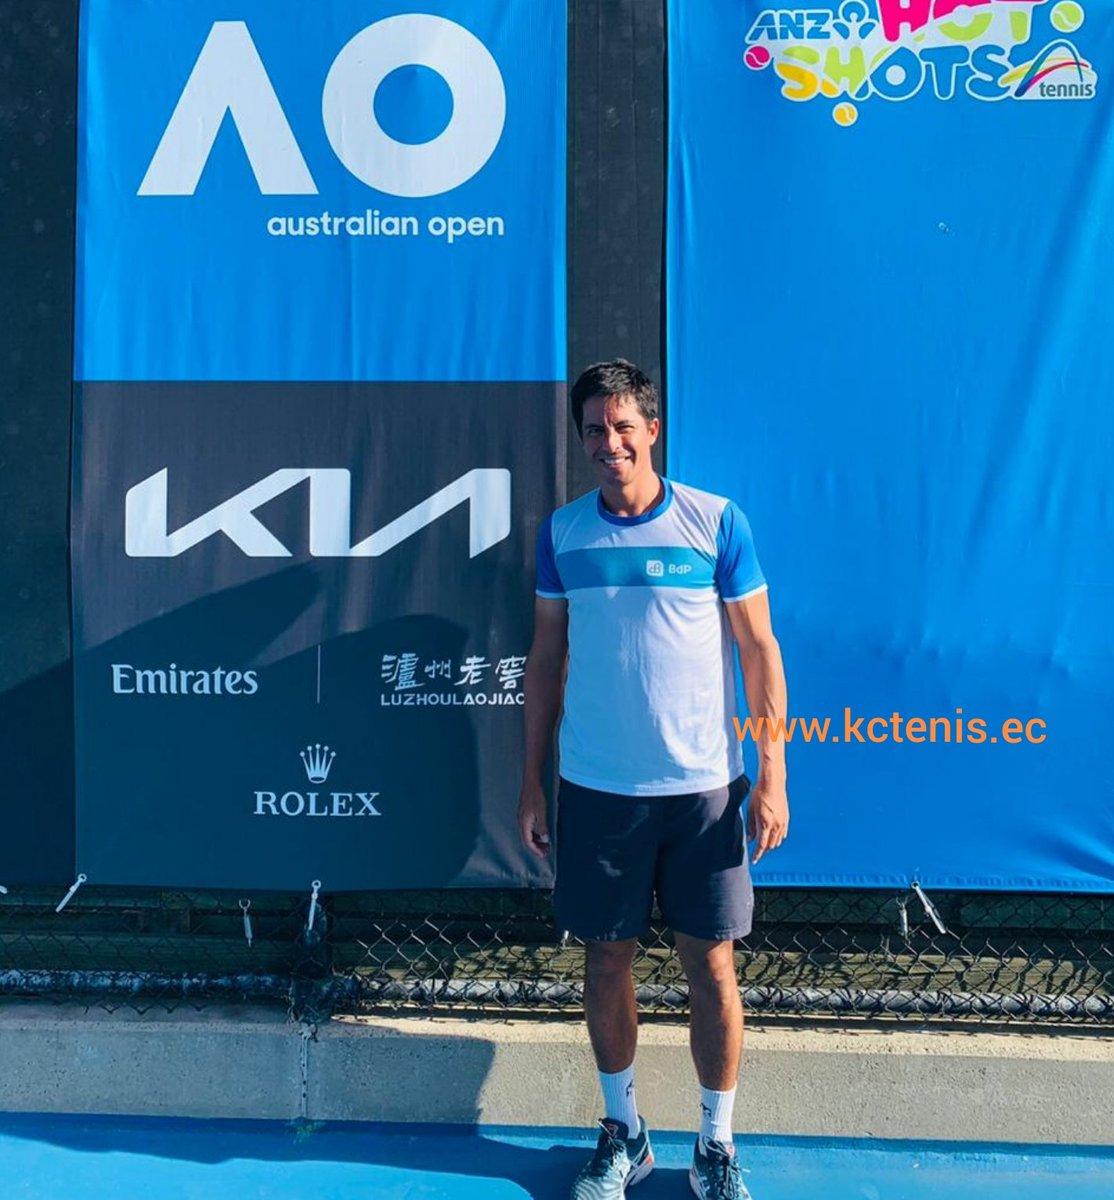 """Por iniciar su cuarto día de entrenamiento previo al #AustralianOpen hoy Gonzalo Escobar (65 dobles), que confirmó jugará un torneo antes del #GrandSlam australiano, el #ATP250 de Melbourne """"Great Ocean Road Open"""" desde el 31 enero https://t.co/b9tRY8J8Sr https://t.co/EwmgA4SMtu"""